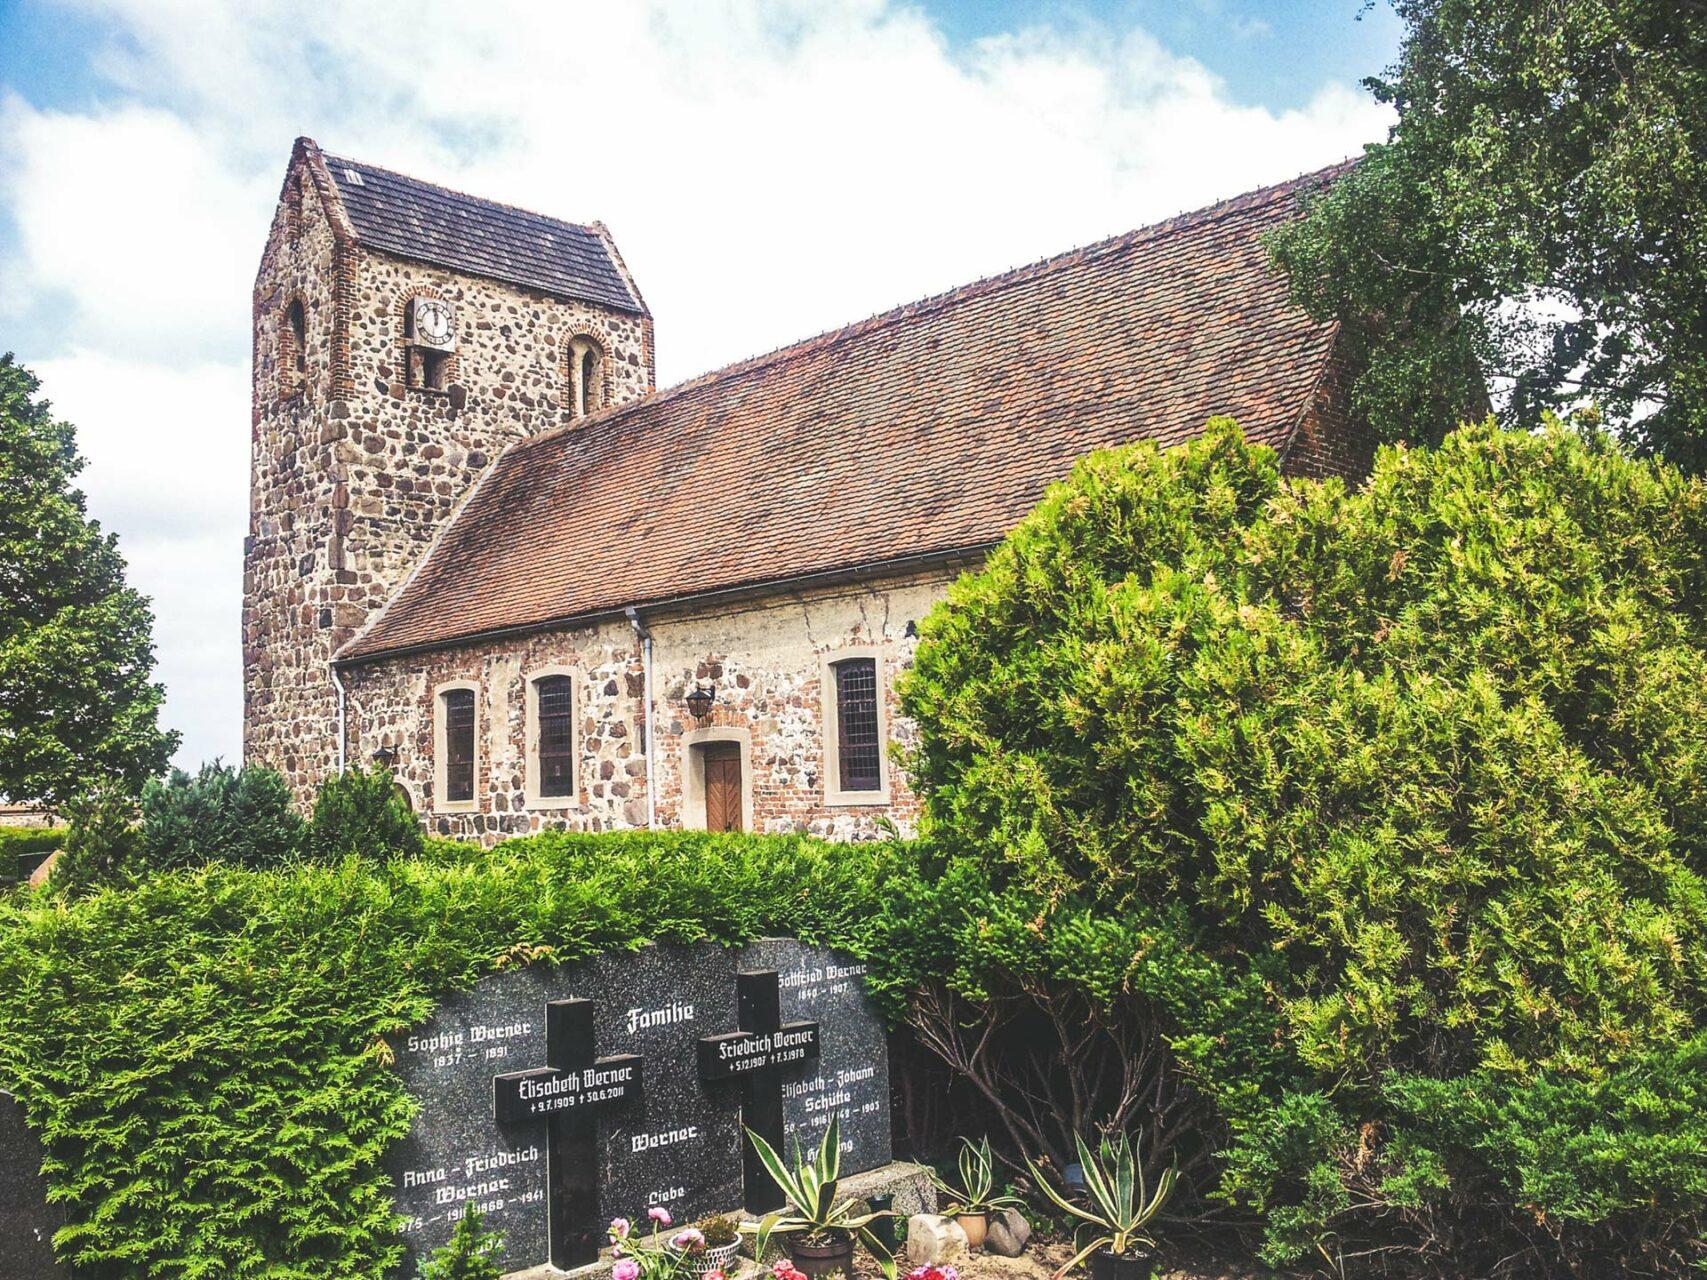 Die Kirche von Miltern aus dem 12. Jahrhundert ist noch original erhalten und im typischen Feldsteinbau errichtet. Die Chronik berichtet von einer Bruderschaft, die sich hier um Pilger, Kranke und Fremdlinge kümmerte.